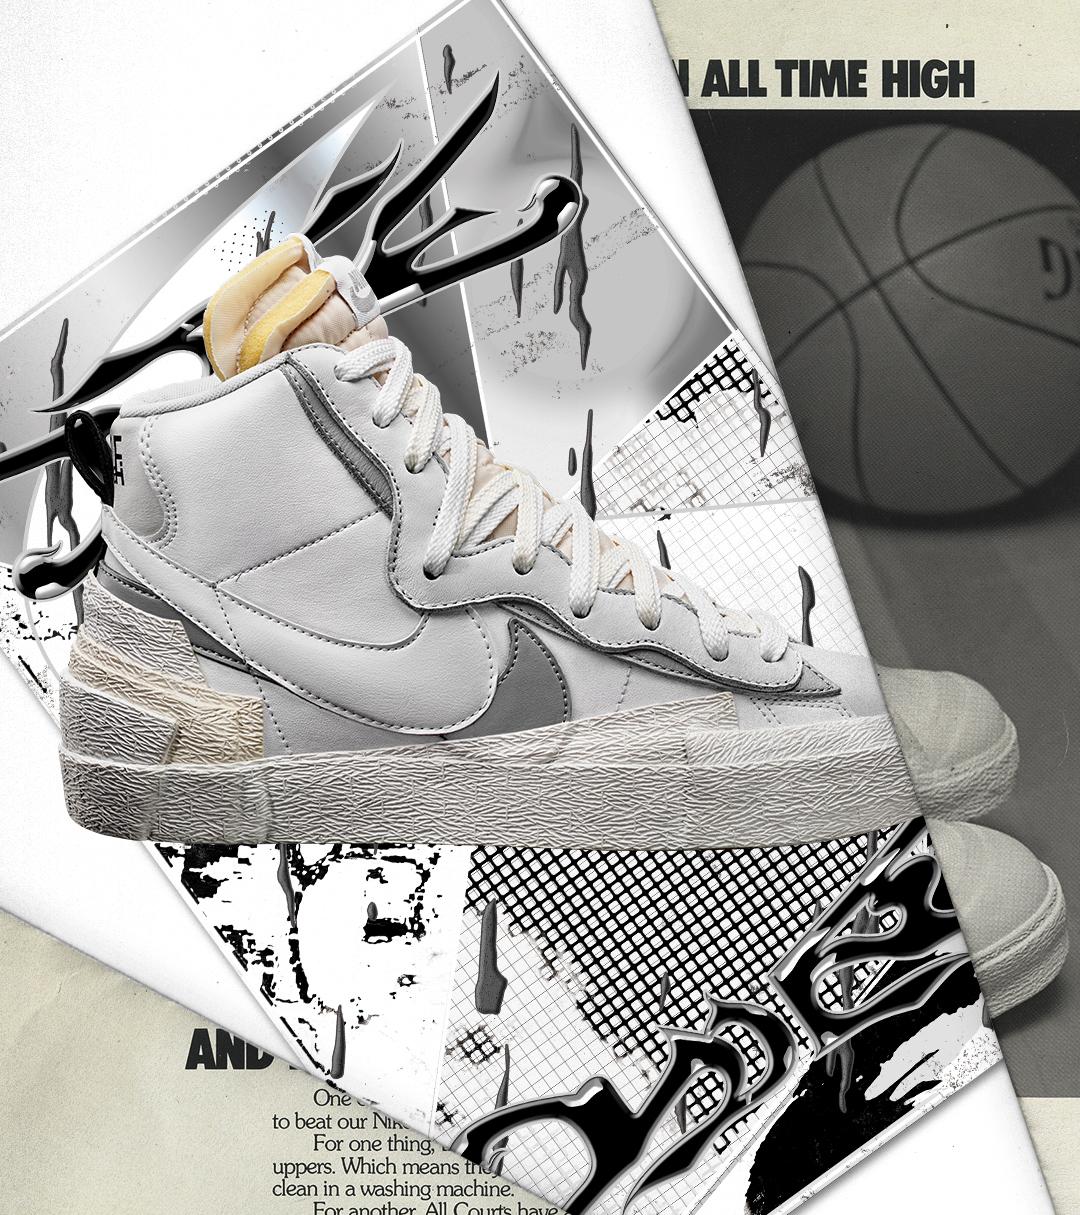 pedestal Agente práctica  sacai x Nike Blazer Mid White/Wolf Grey | RAFFLE - Footpatrol Blog